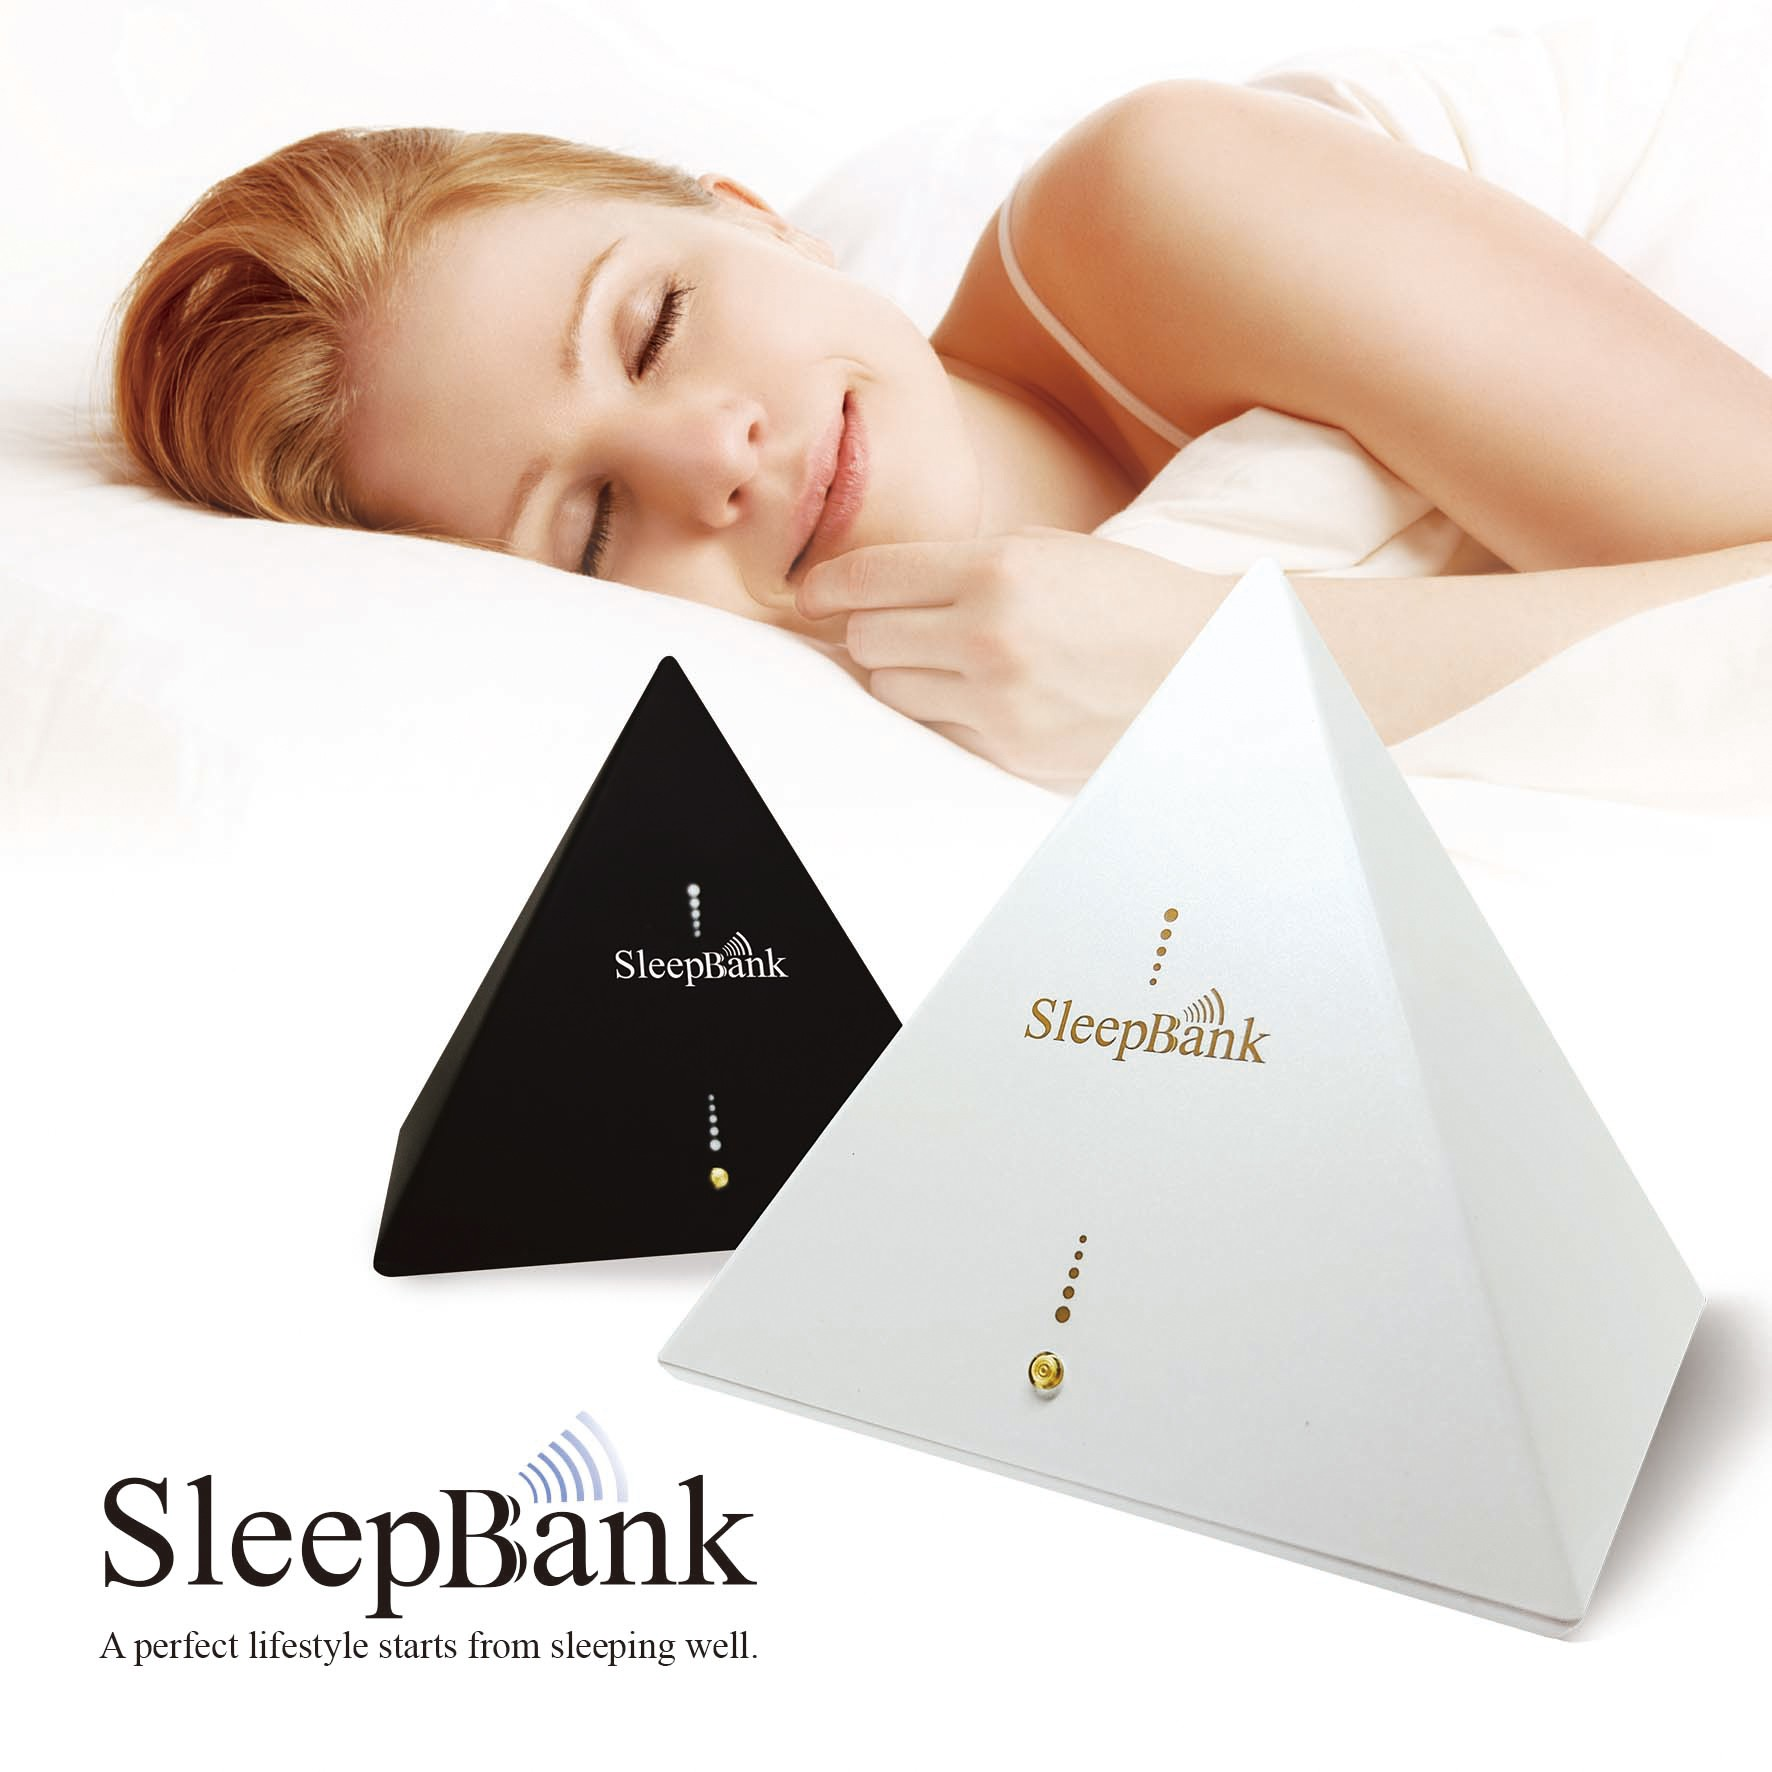 SleepBank-勝得棻國際股份有限公司